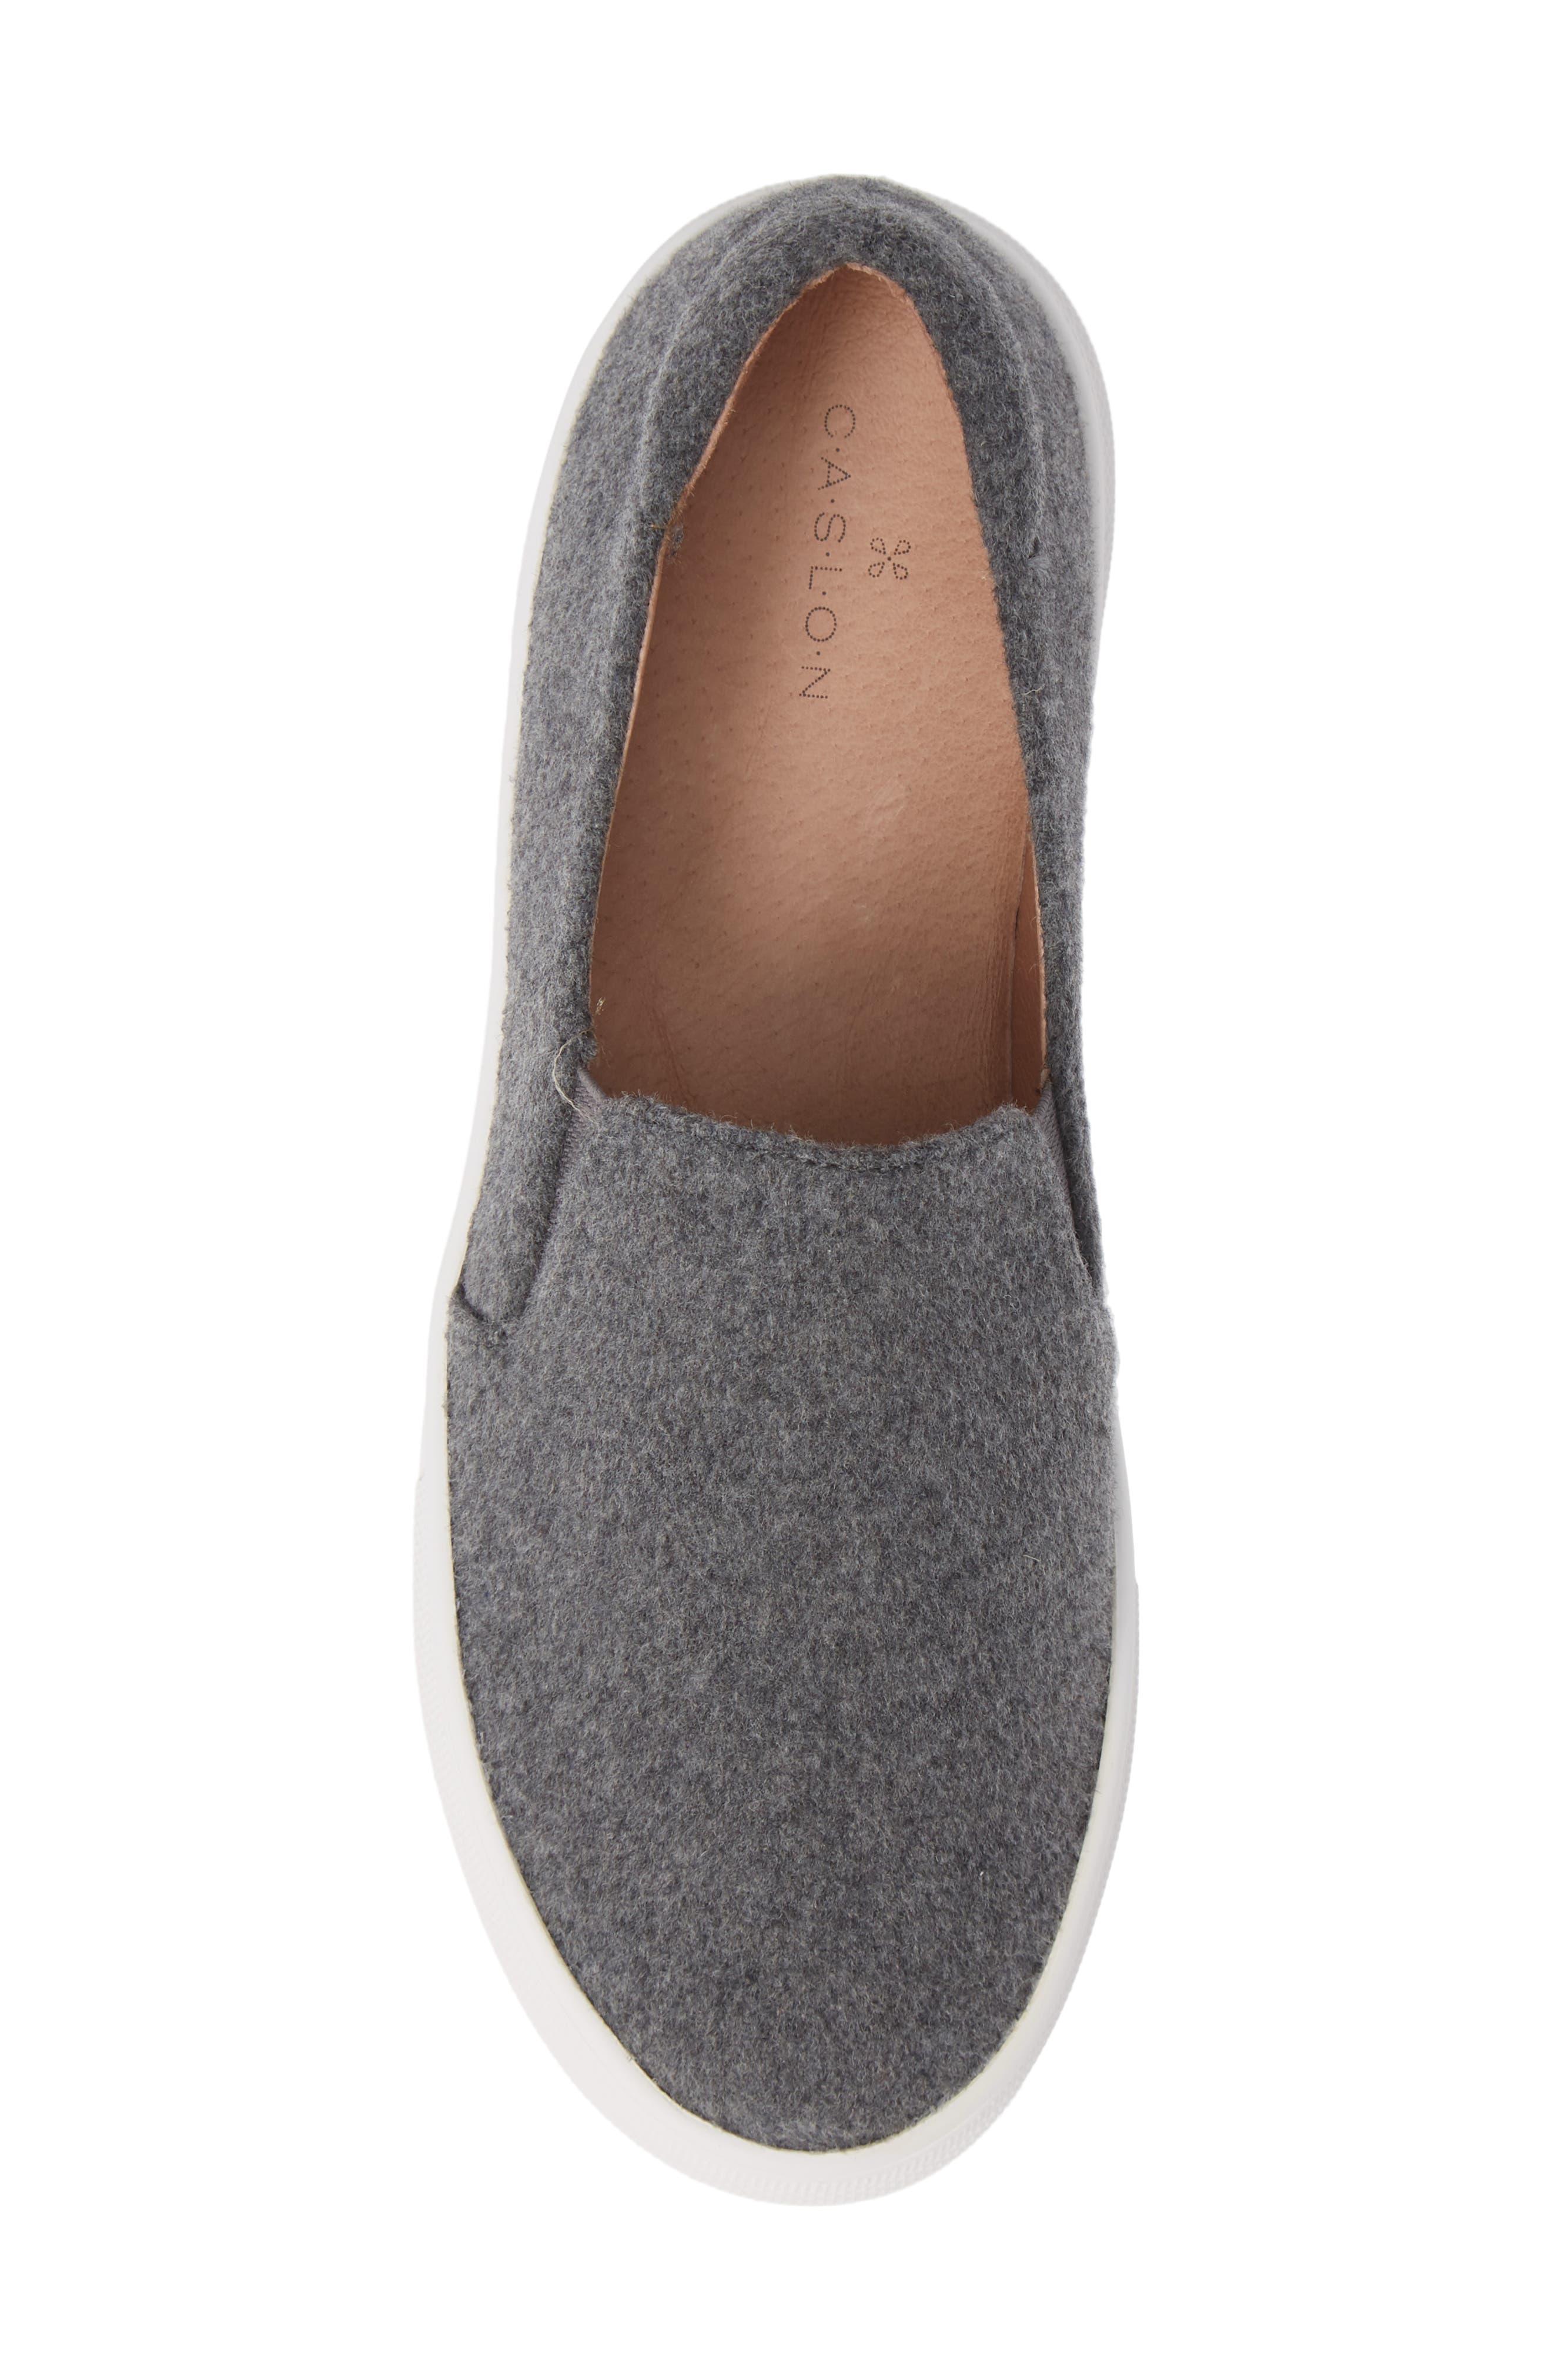 Alden Slip-On Sneaker,                             Alternate thumbnail 5, color,                             Stone Boiled Wool